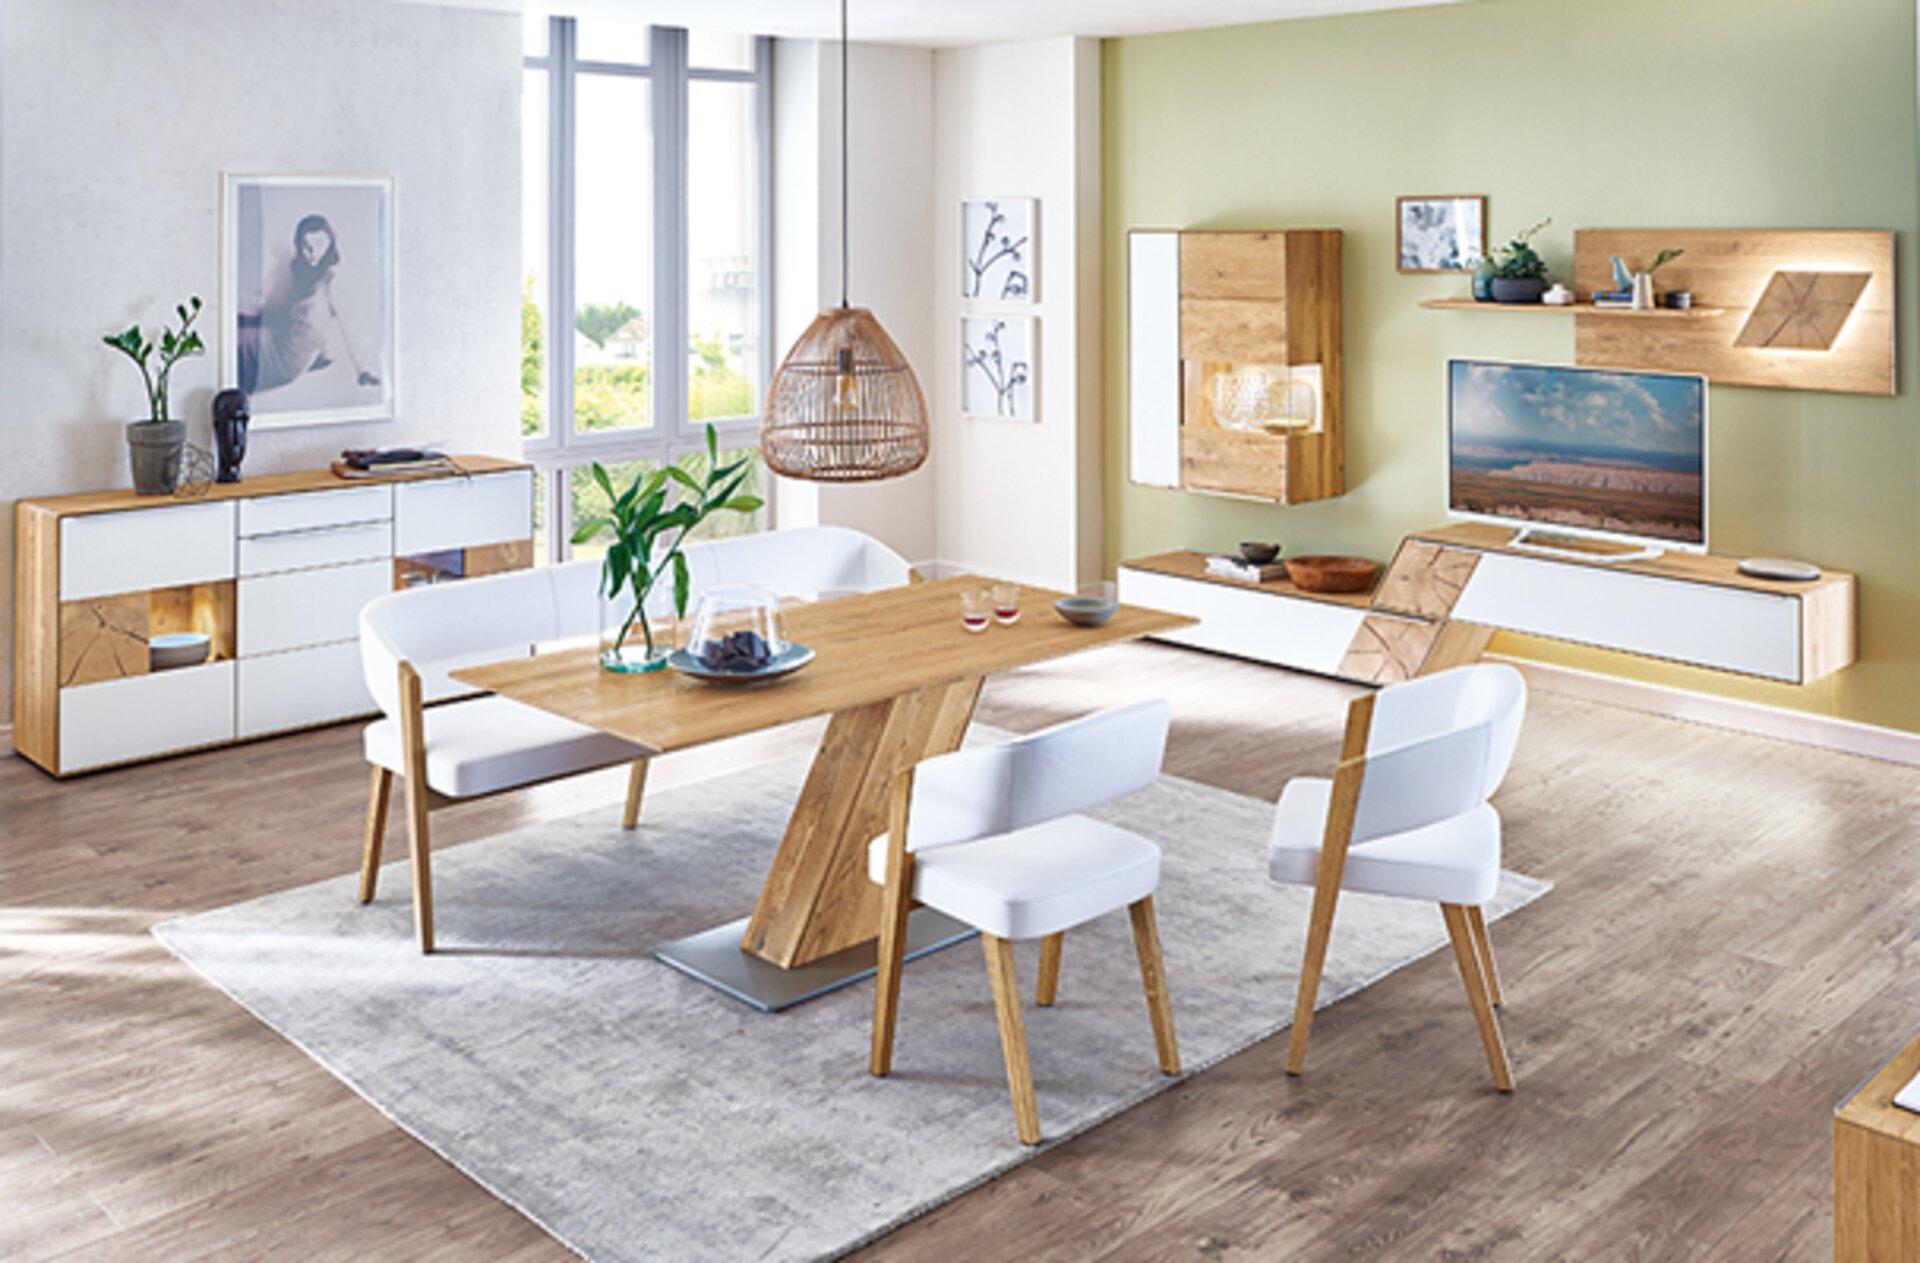 Valmondo, Möbel Inhofer, Esszimmer, Stühle, Tisch, Wohnen, Esszimmer